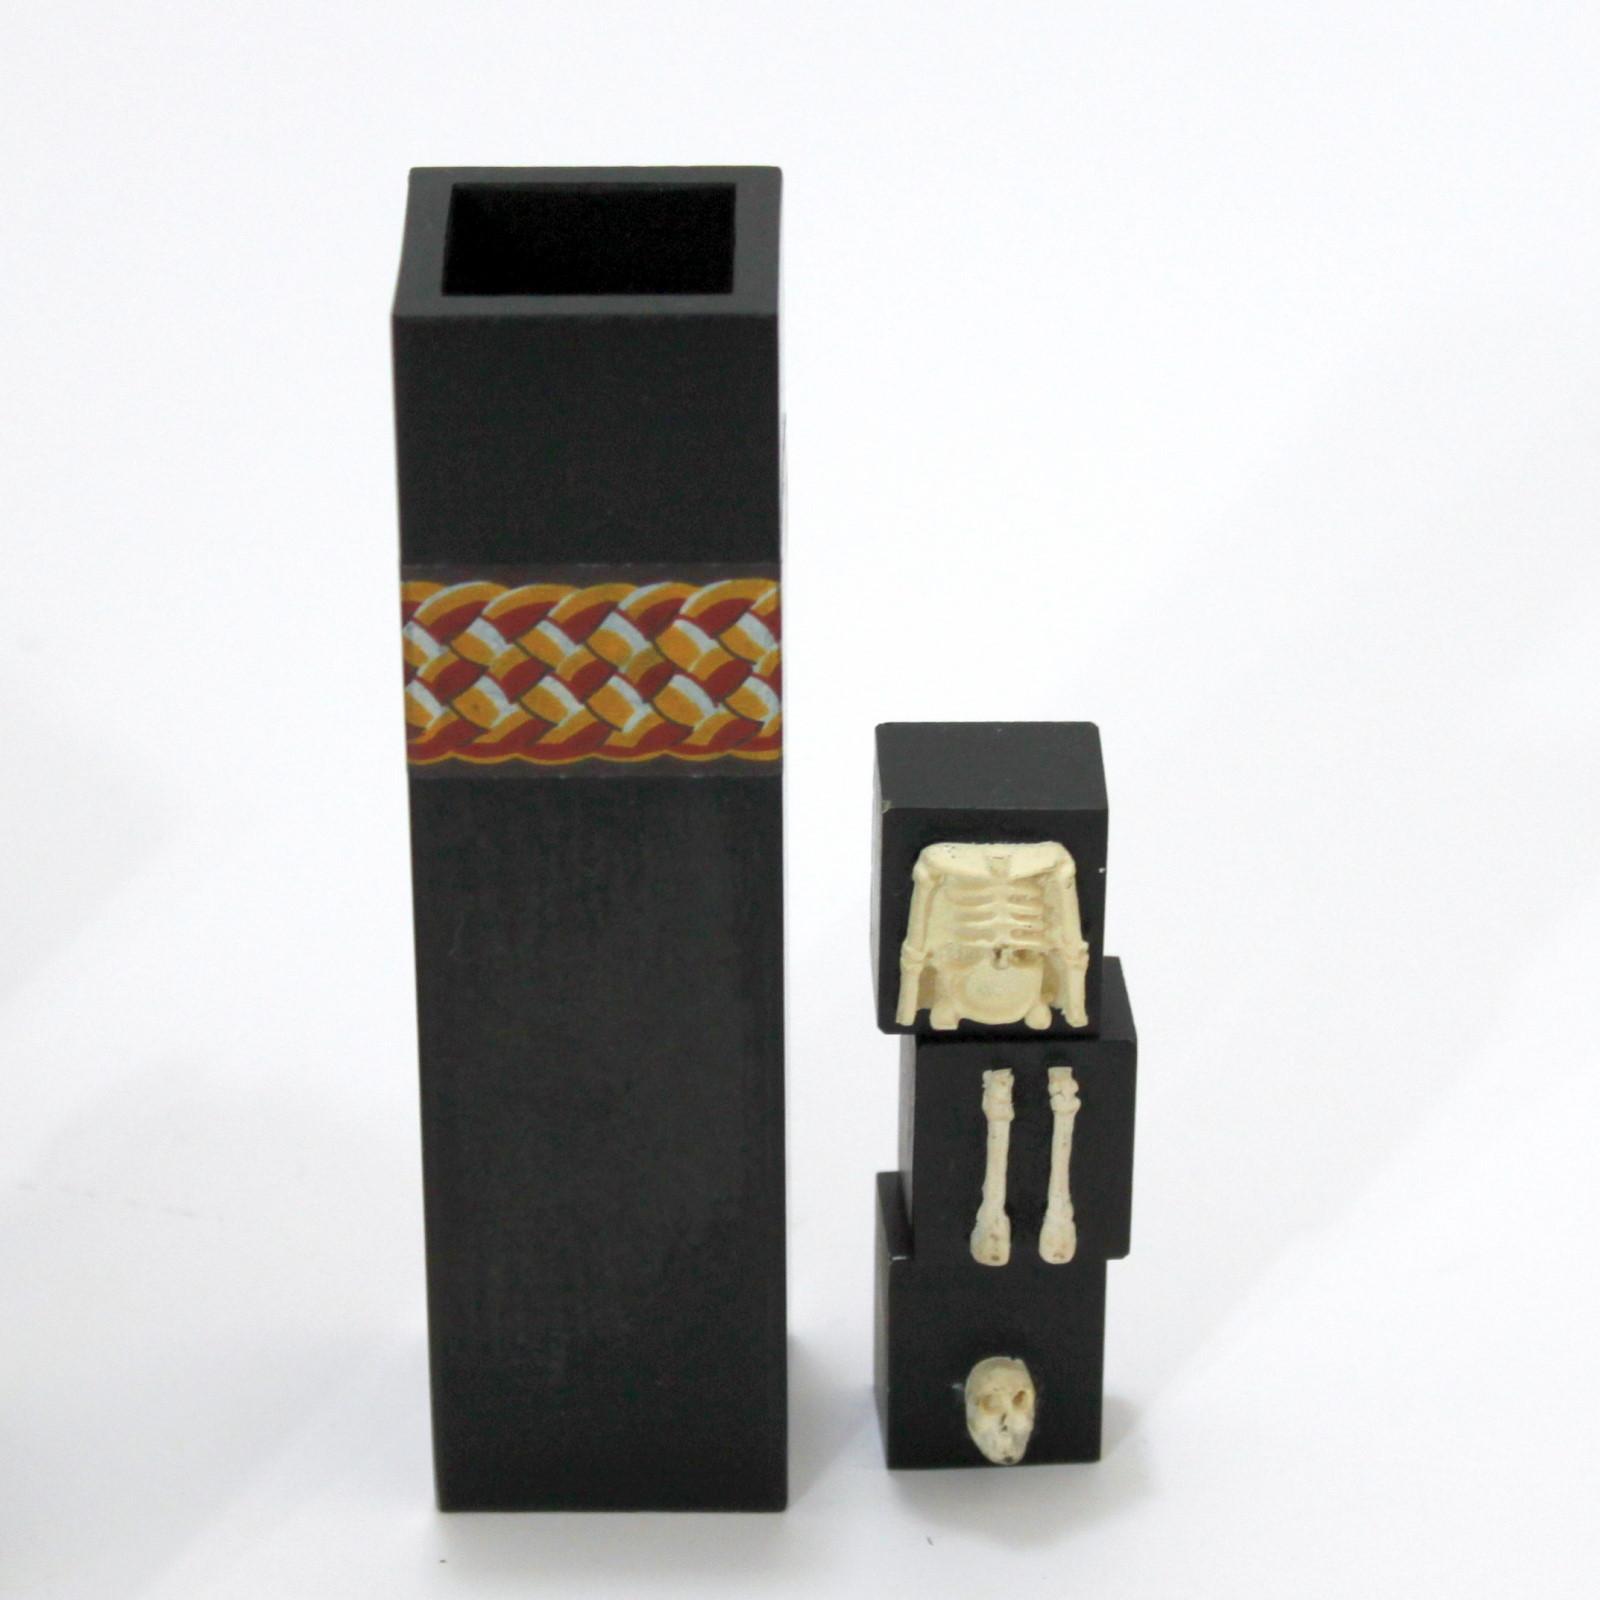 Cryptic Skeleton (Tseng Tjeng) by Tony Lackner